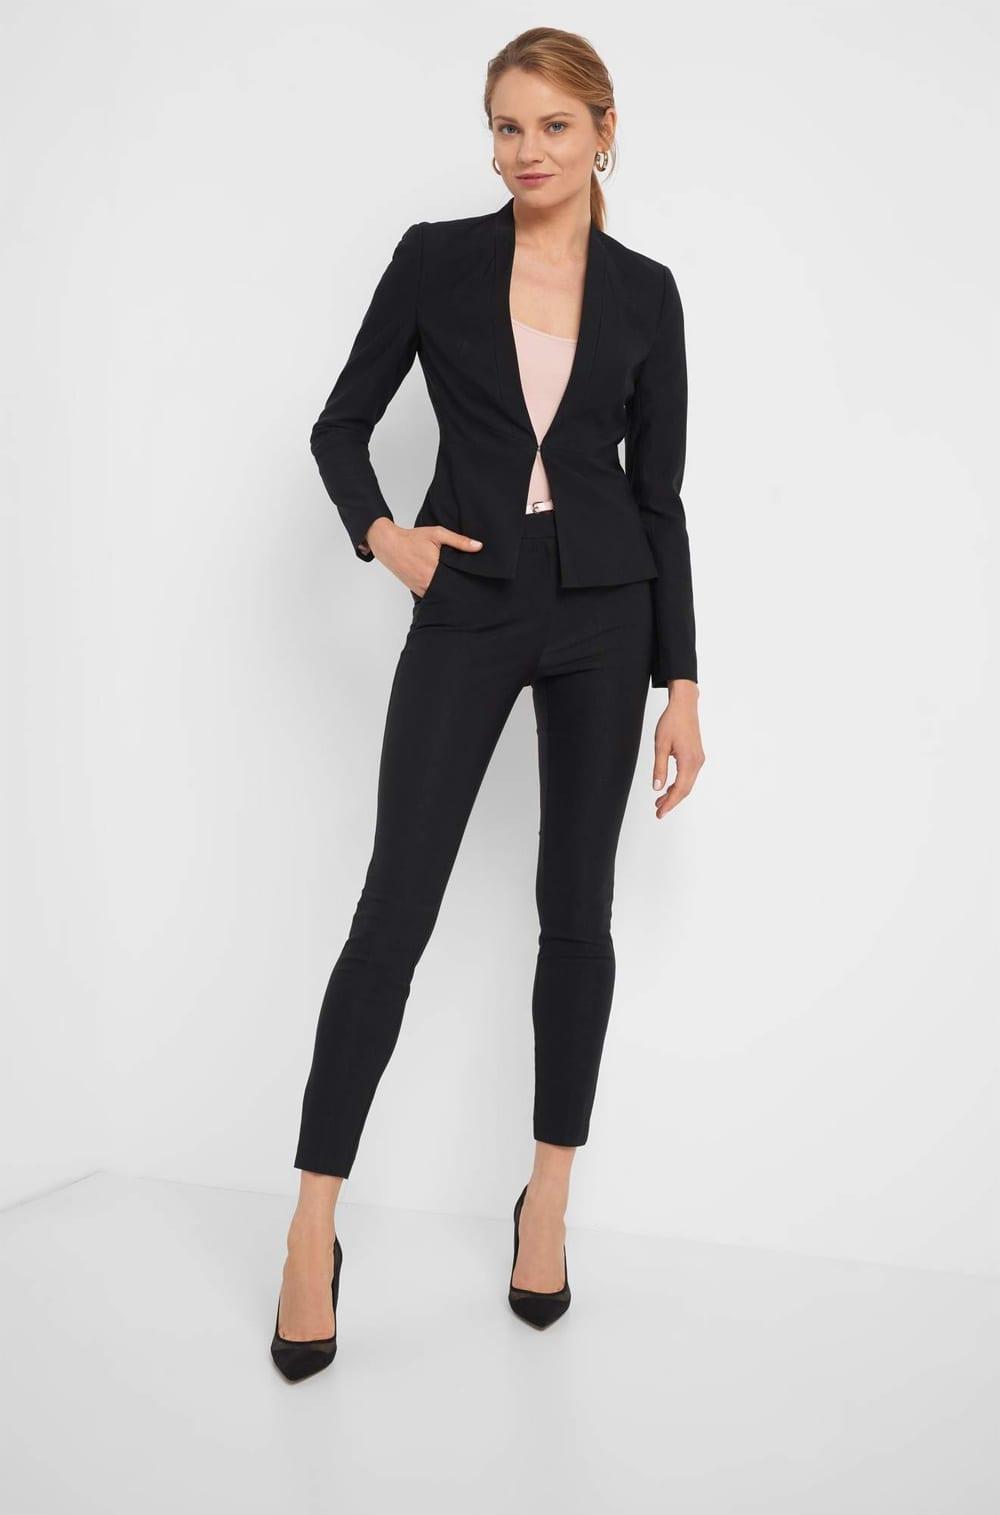 Anzeige: Das perfekte Business-Outfit von ORSAY